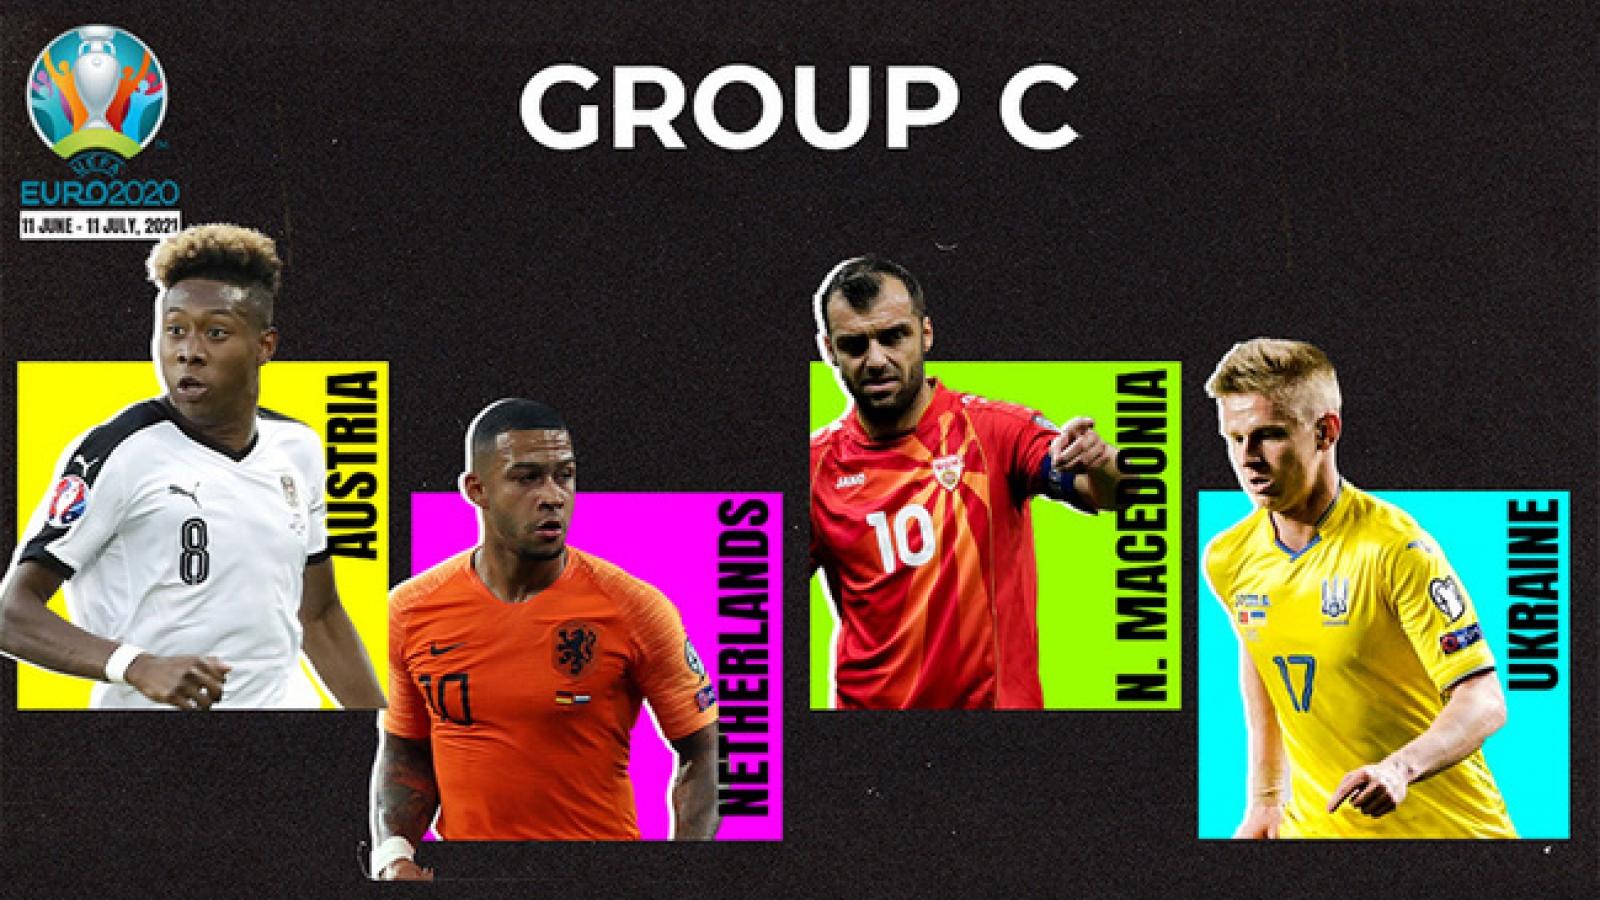 Lịch thi đấu bảng C - EURO 2020: Khó cản bước Hà Lan?